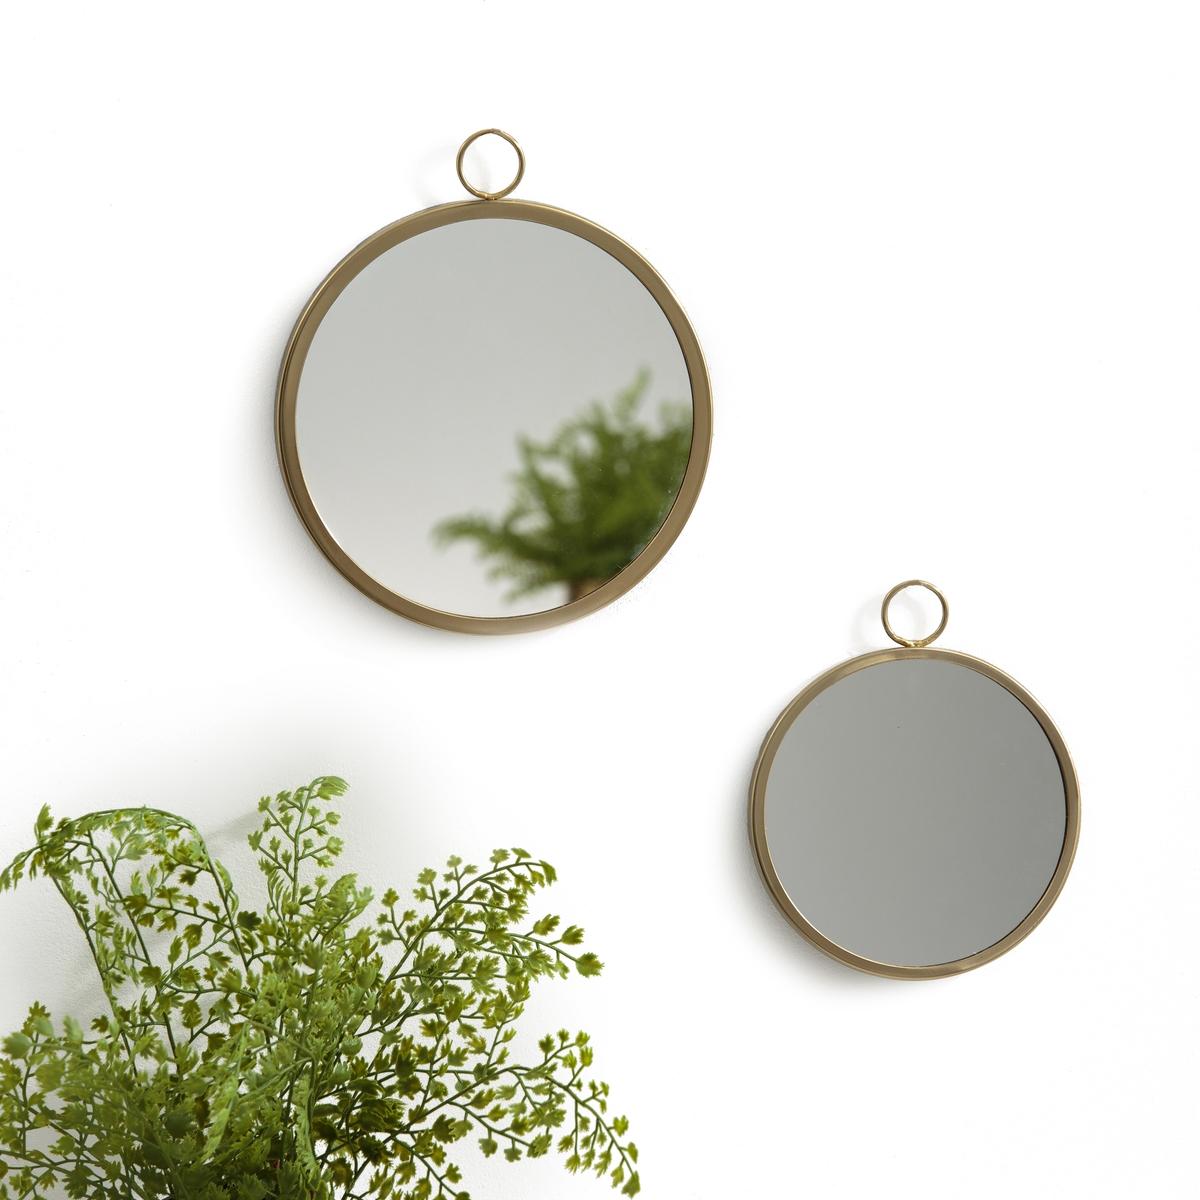 2 specchi rotondi da appendere, UYOVA